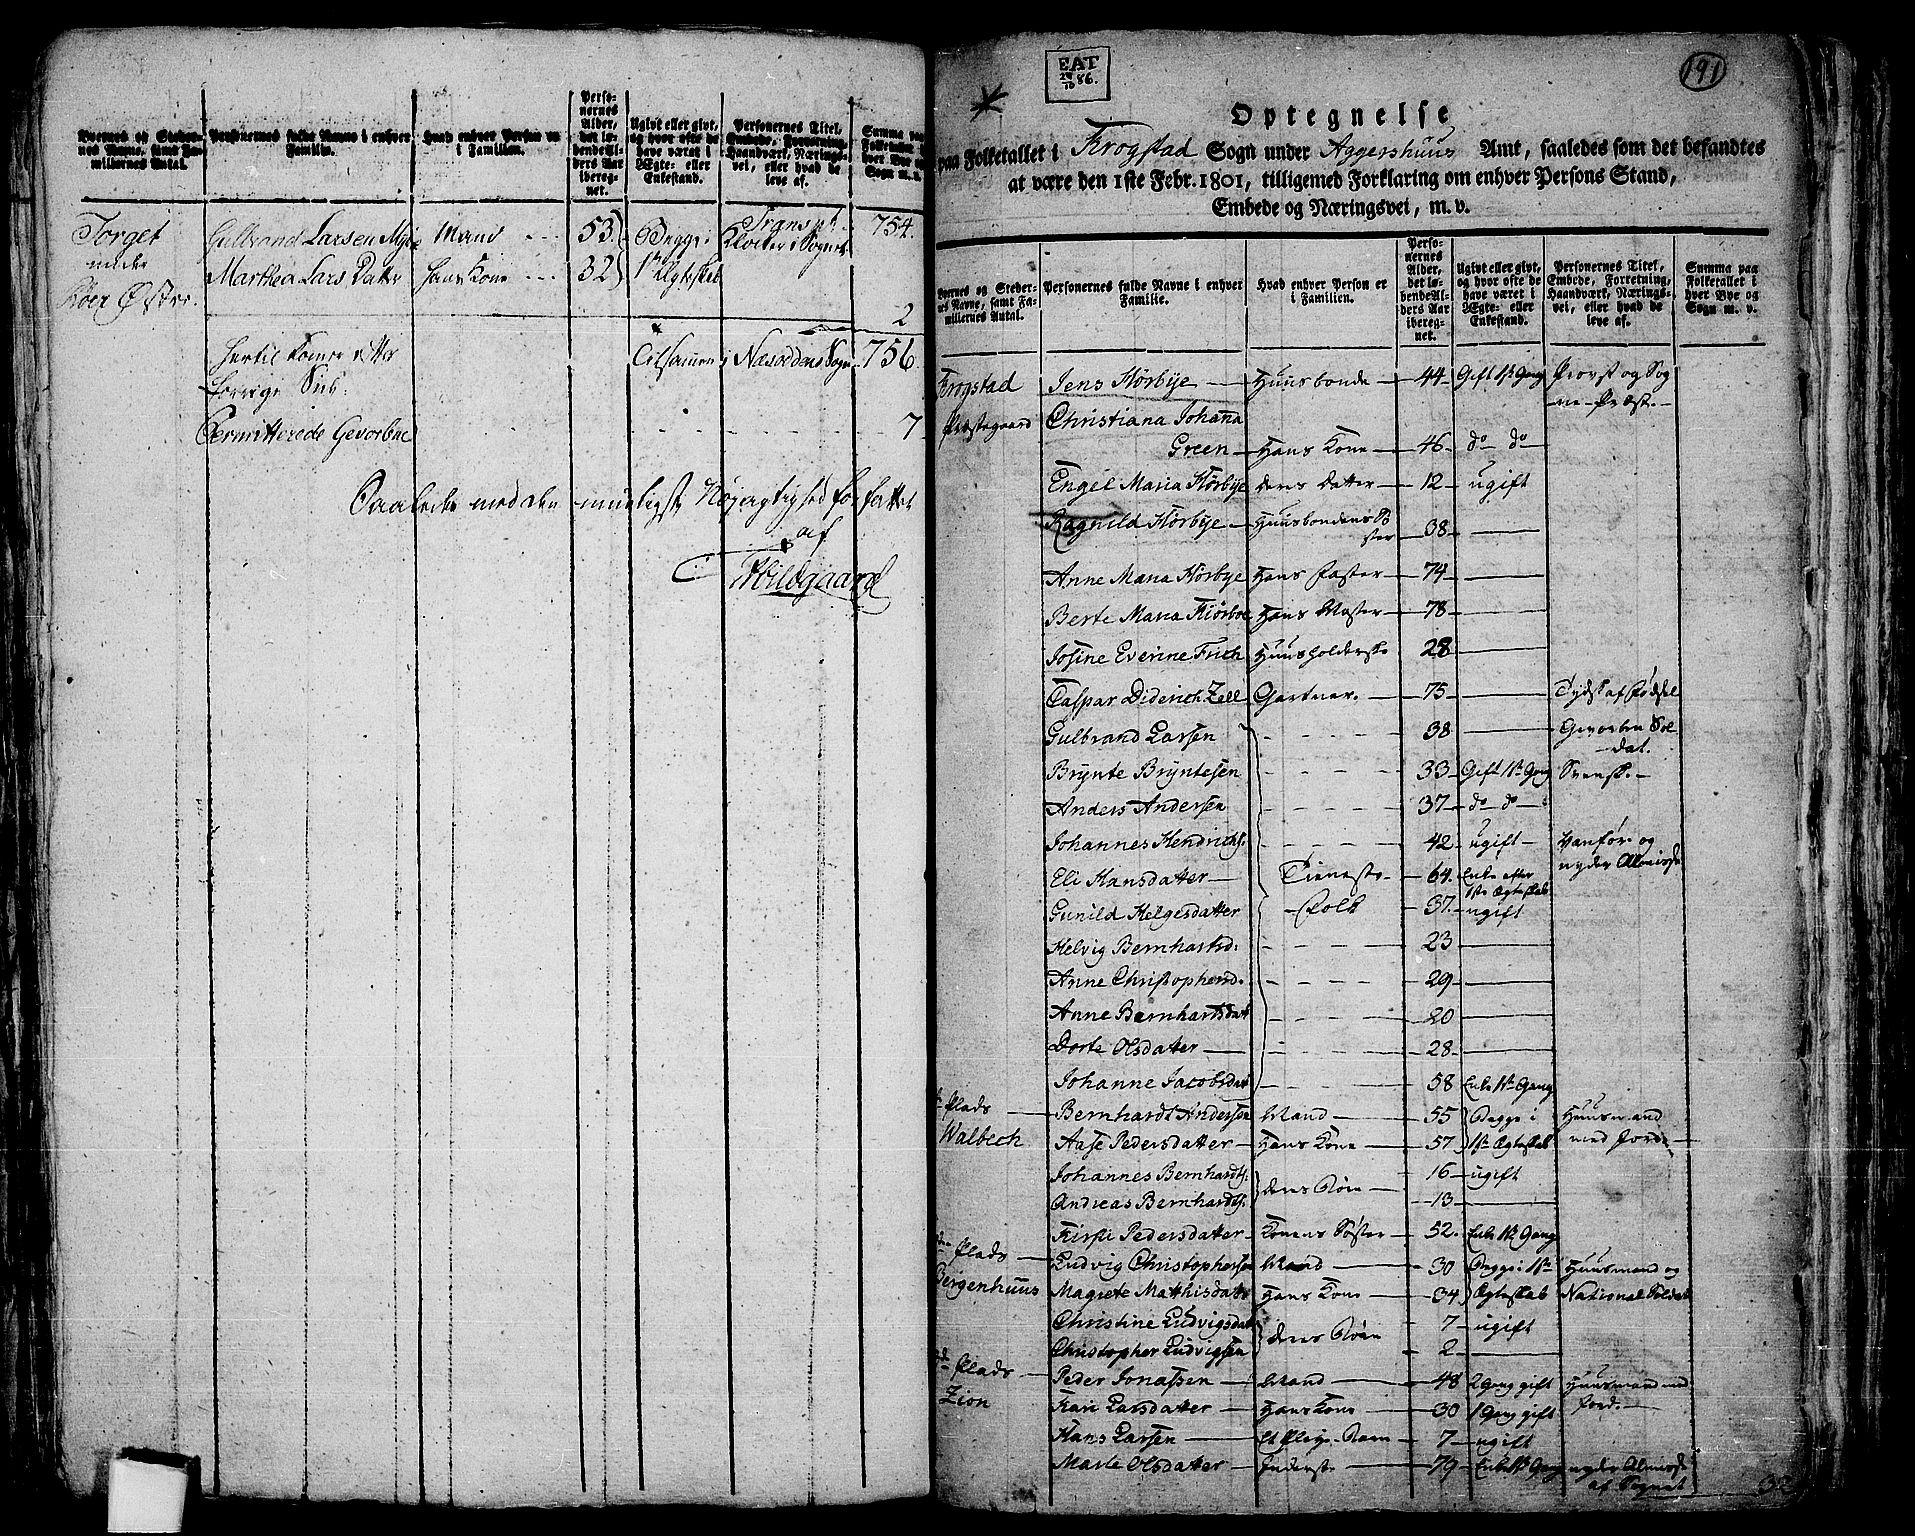 RA, Folketelling 1801 for 0212P Kråkstad prestegjeld, 1801, s. 190b-191a